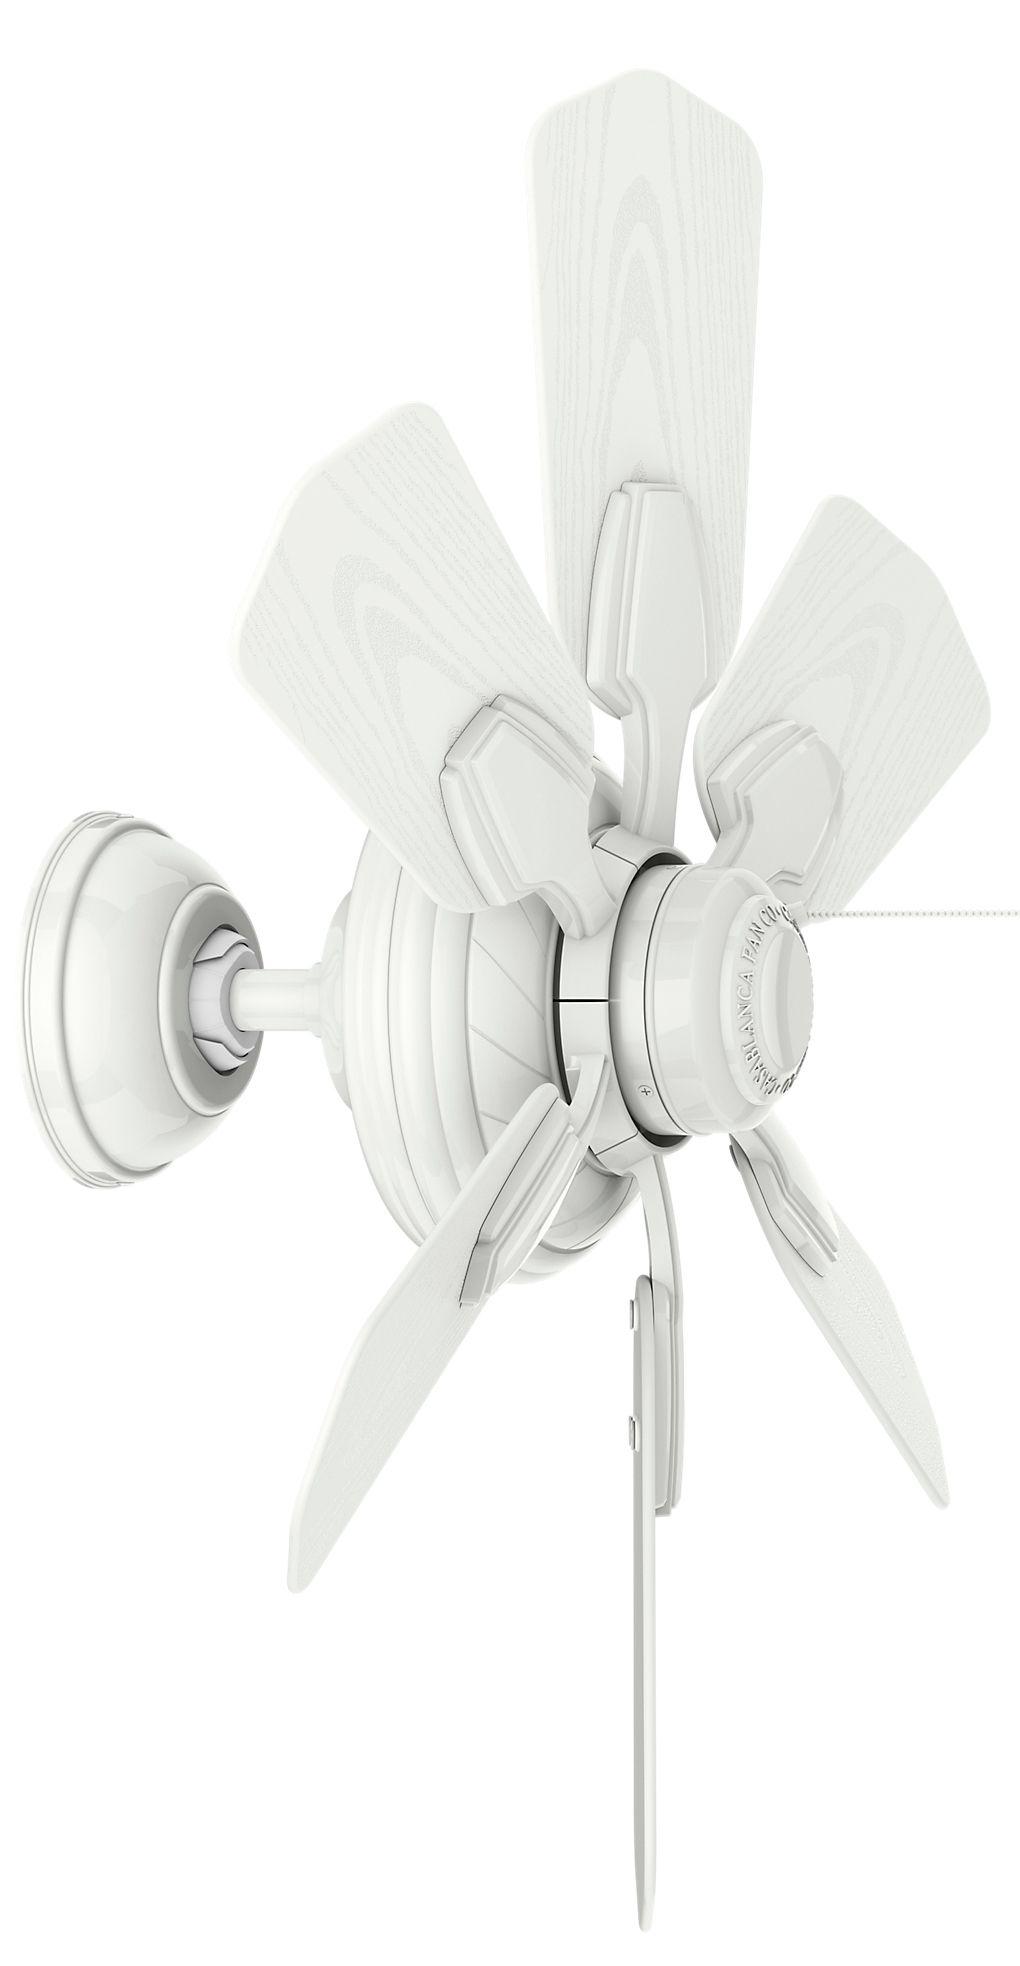 小型80cm小さいシーリングファンは 米国カサブランカ シーリングファン